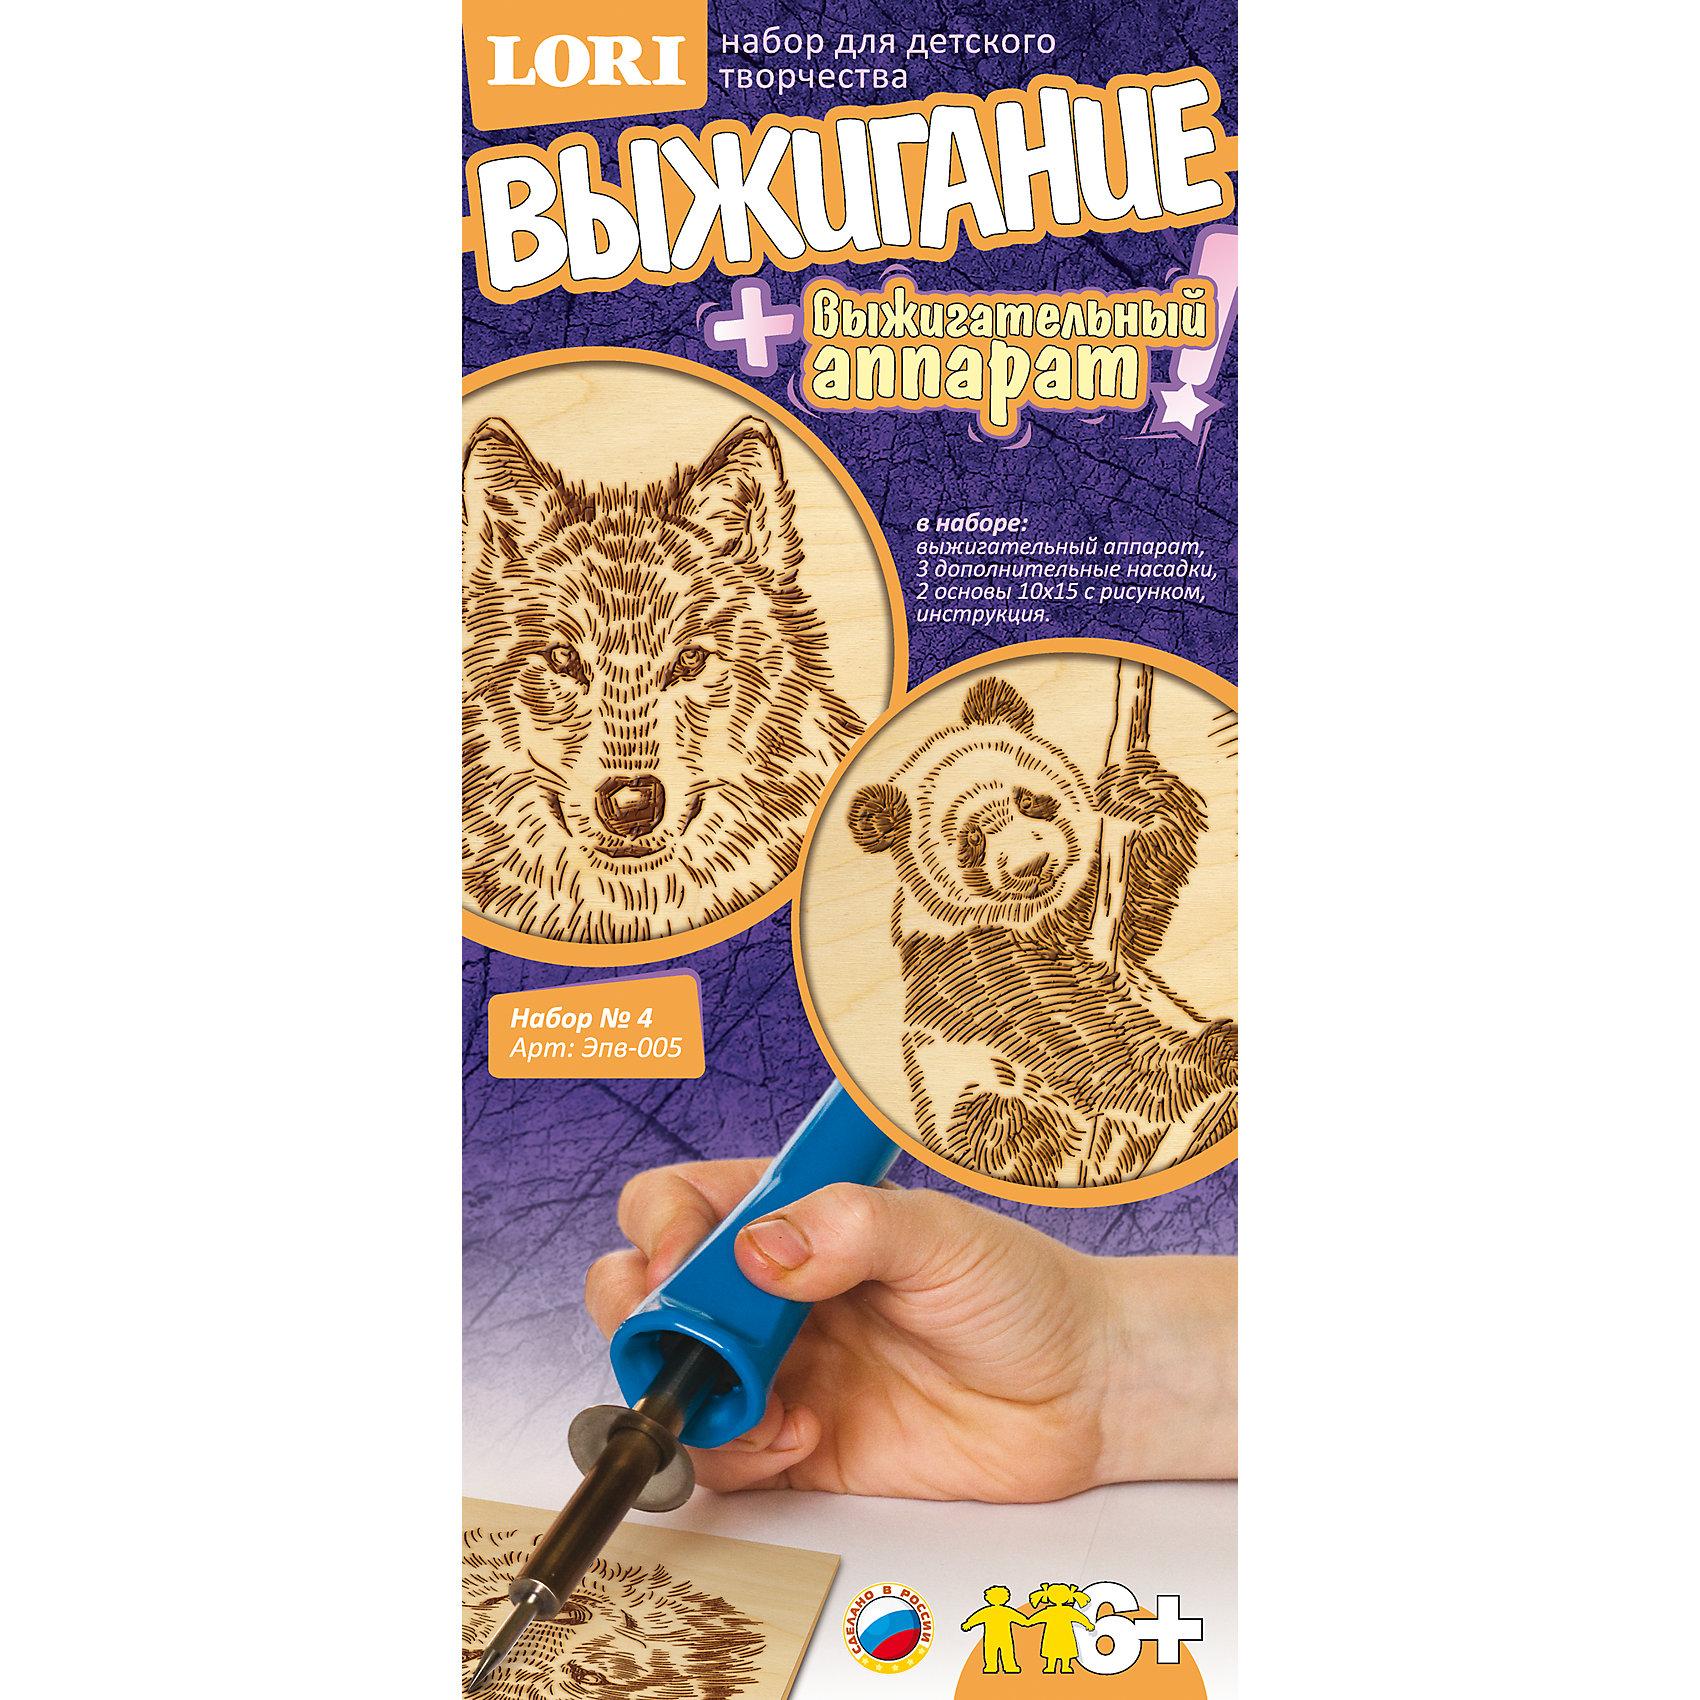 Набор для выжигания № 4 (Волк, Панда)Характеристики набора для выжигания № 4 (Волк, Панда):<br><br>- возраст: от 6 лет<br>- пол: для мальчиков и девочек<br>- материал: древесина, металл, пластик.<br>- размер упаковки: 11 * 24 * 4 см.<br>- страна производитель: Россия.<br>- комплект: выжигательный аппарат, 3 дополнительные насадки, 2 основы с рисунком, инструкция.<br>- размер основы: 10 * 15 см.<br>- питание аппарата: от сети 220 в.<br>- упаковка: картонная коробка.<br>- страна обладатель бренда: Россия.<br><br>Выжигание по дереву – невероятно увлекательный творческий процесс. В наборе от российской компании Лори есть не только две основы для выжигания, но и специальный выжигательный аппарат с несколькими насадками. А значит, чтобы сделать две чудесные картинки с изображением панды и волка, Вам не придется что-либо докупать. Кроме того, в комплекте Вы найдете подробную инструкцию, с помощью которой научиться выжигать по дереву сможет даже ребенок от шести лет.<br><br>Набор для выжигания № 4 (Волк, Панда) можно купить в нашем интернет-магазине.<br><br>Ширина мм: 110<br>Глубина мм: 40<br>Высота мм: 240<br>Вес г: 214<br>Возраст от месяцев: 72<br>Возраст до месяцев: 108<br>Пол: Унисекс<br>Возраст: Детский<br>SKU: 5158199